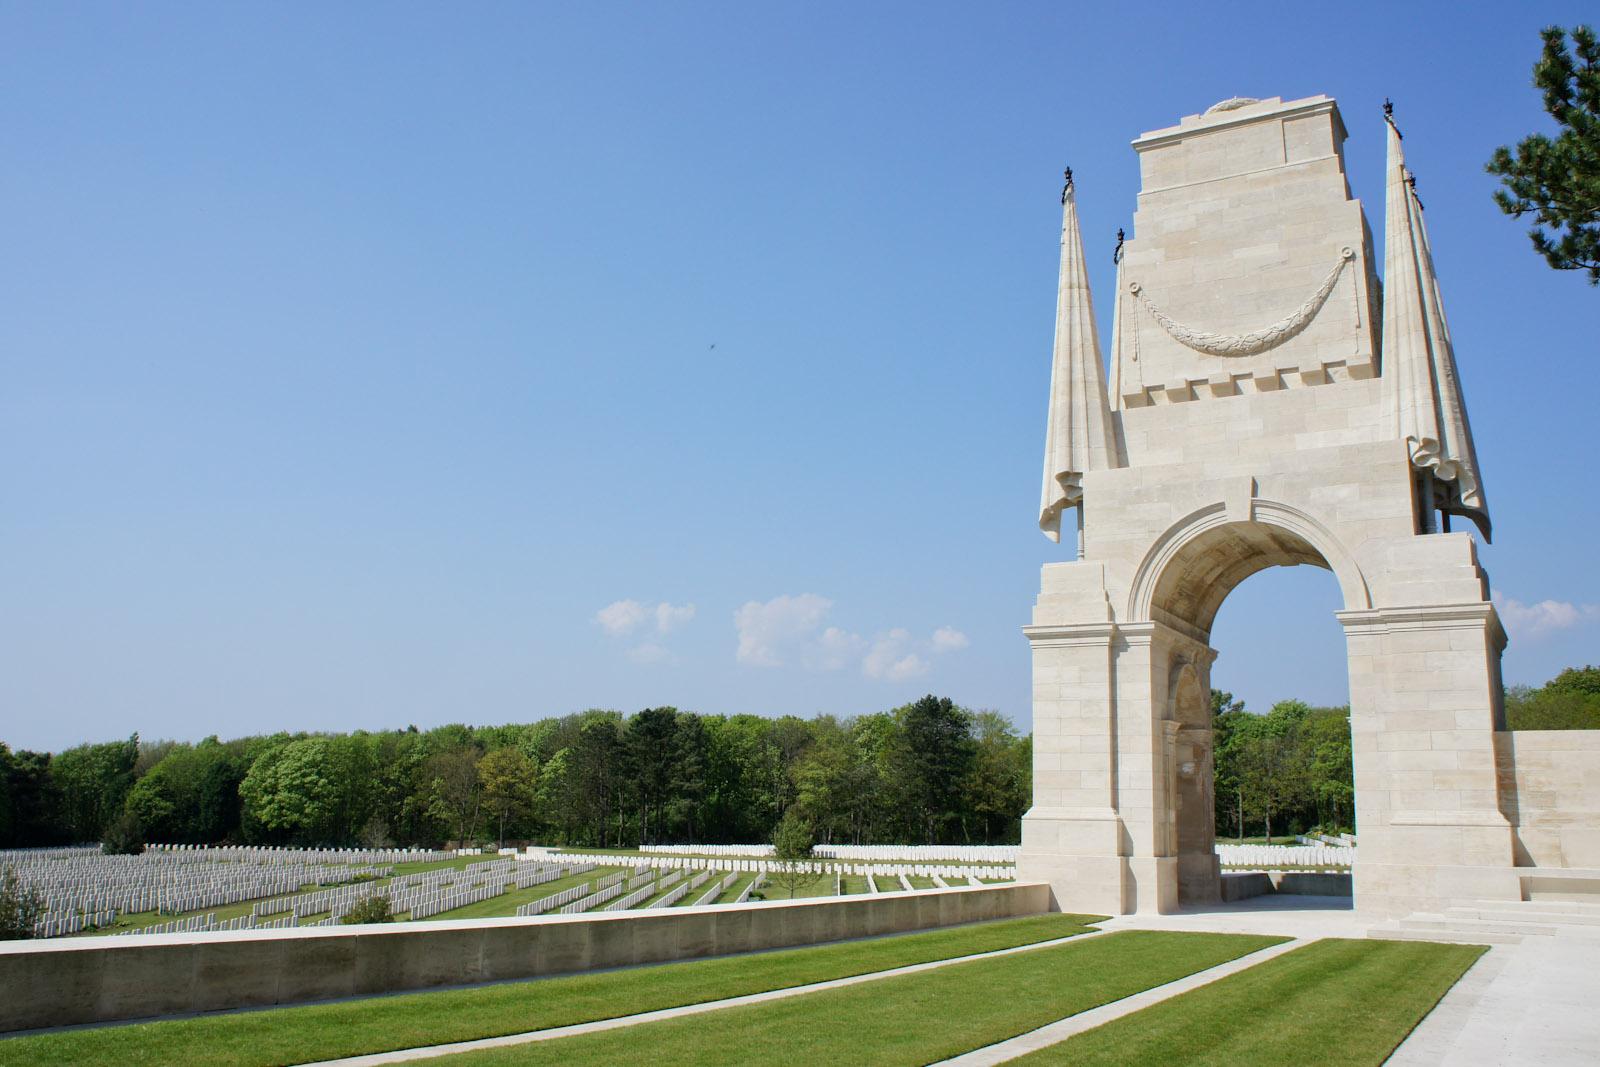 Klasycystyczny cmentarz brytyjski z 1 WŚ, Étaples, Francja, arch. Edwin Lutyens